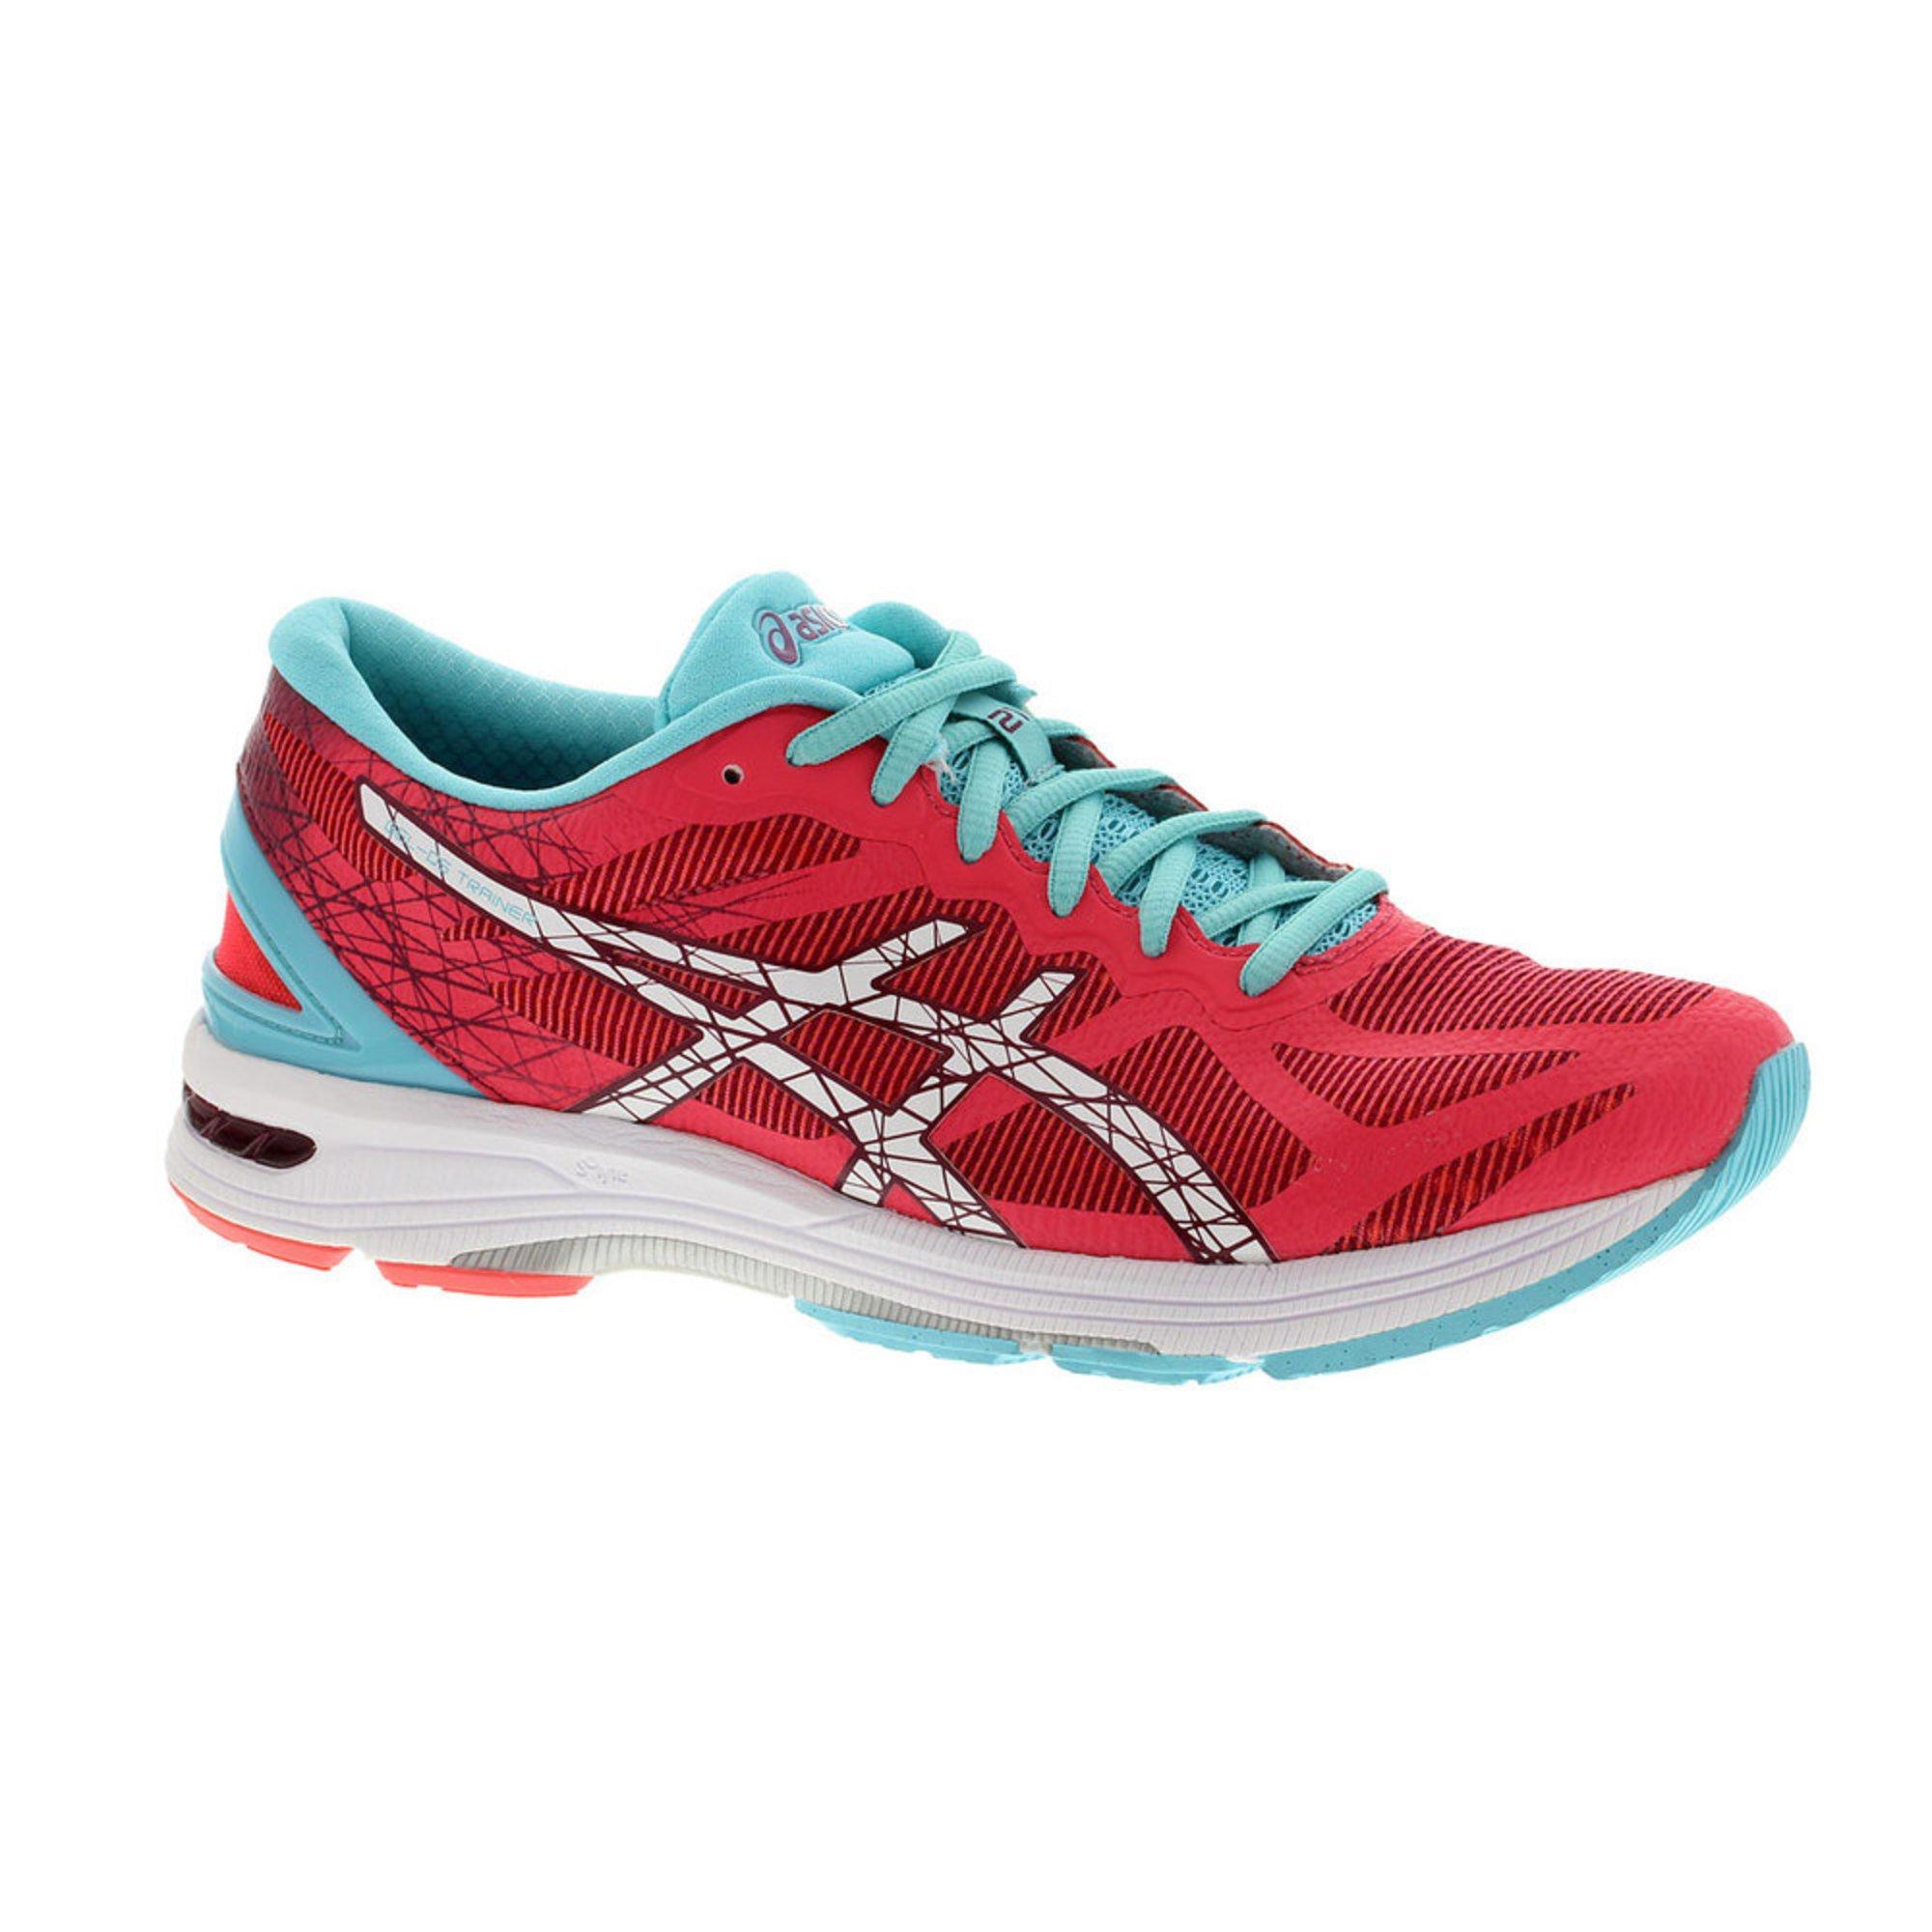 asics gel ds trainer women 39 s running shoe 21 diva pink. Black Bedroom Furniture Sets. Home Design Ideas